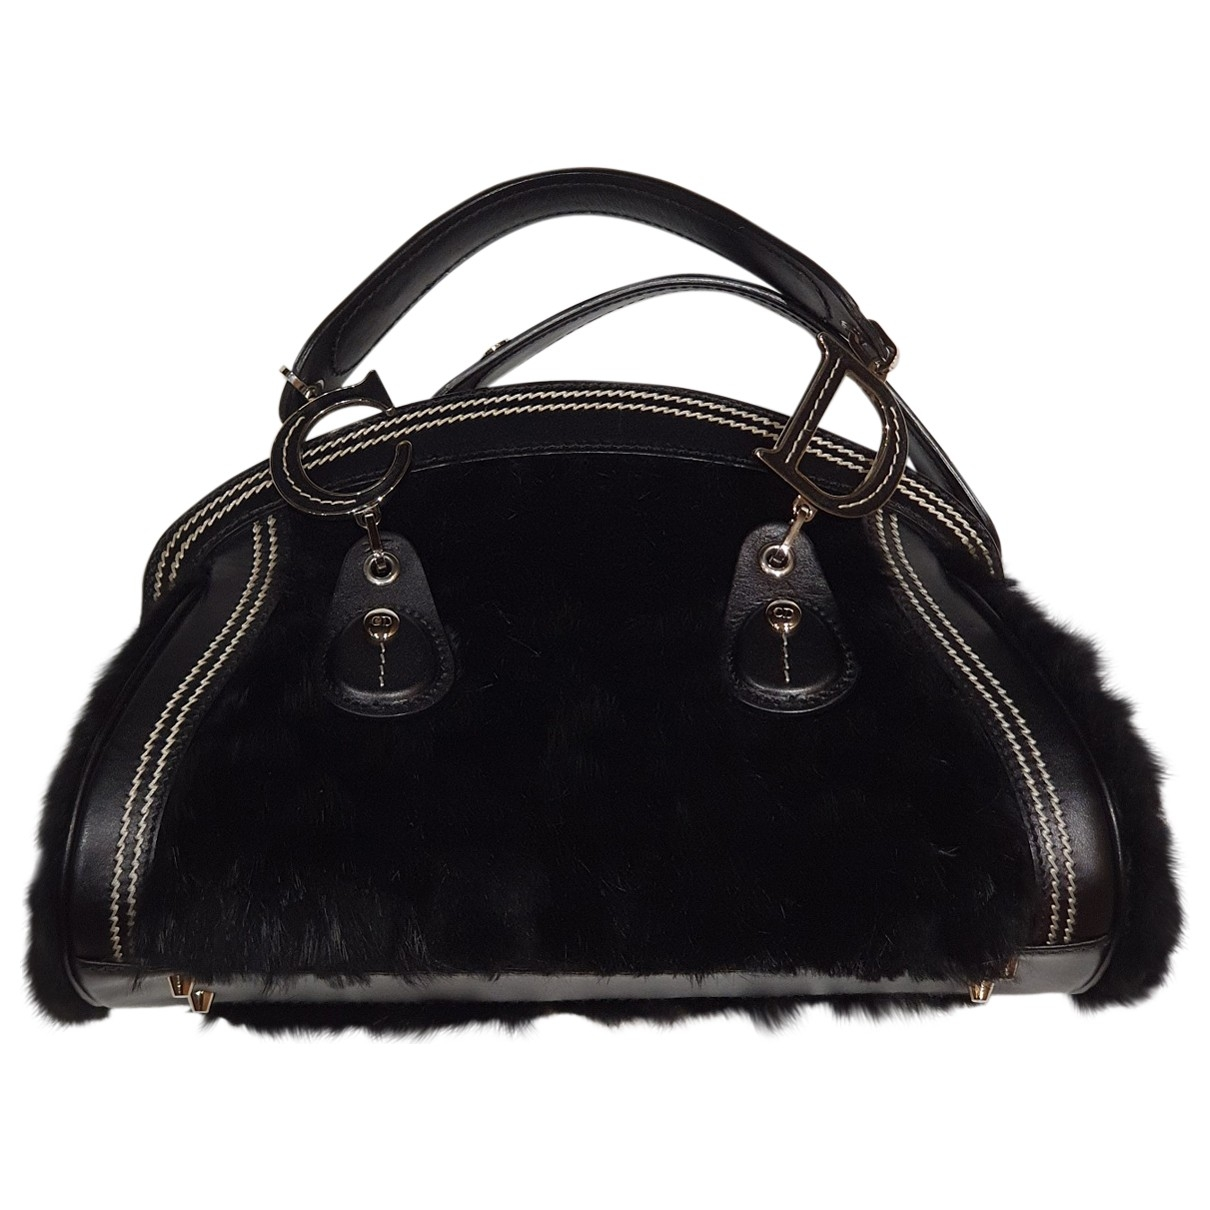 Dior - Sac a main   pour femme en fourrure - noir